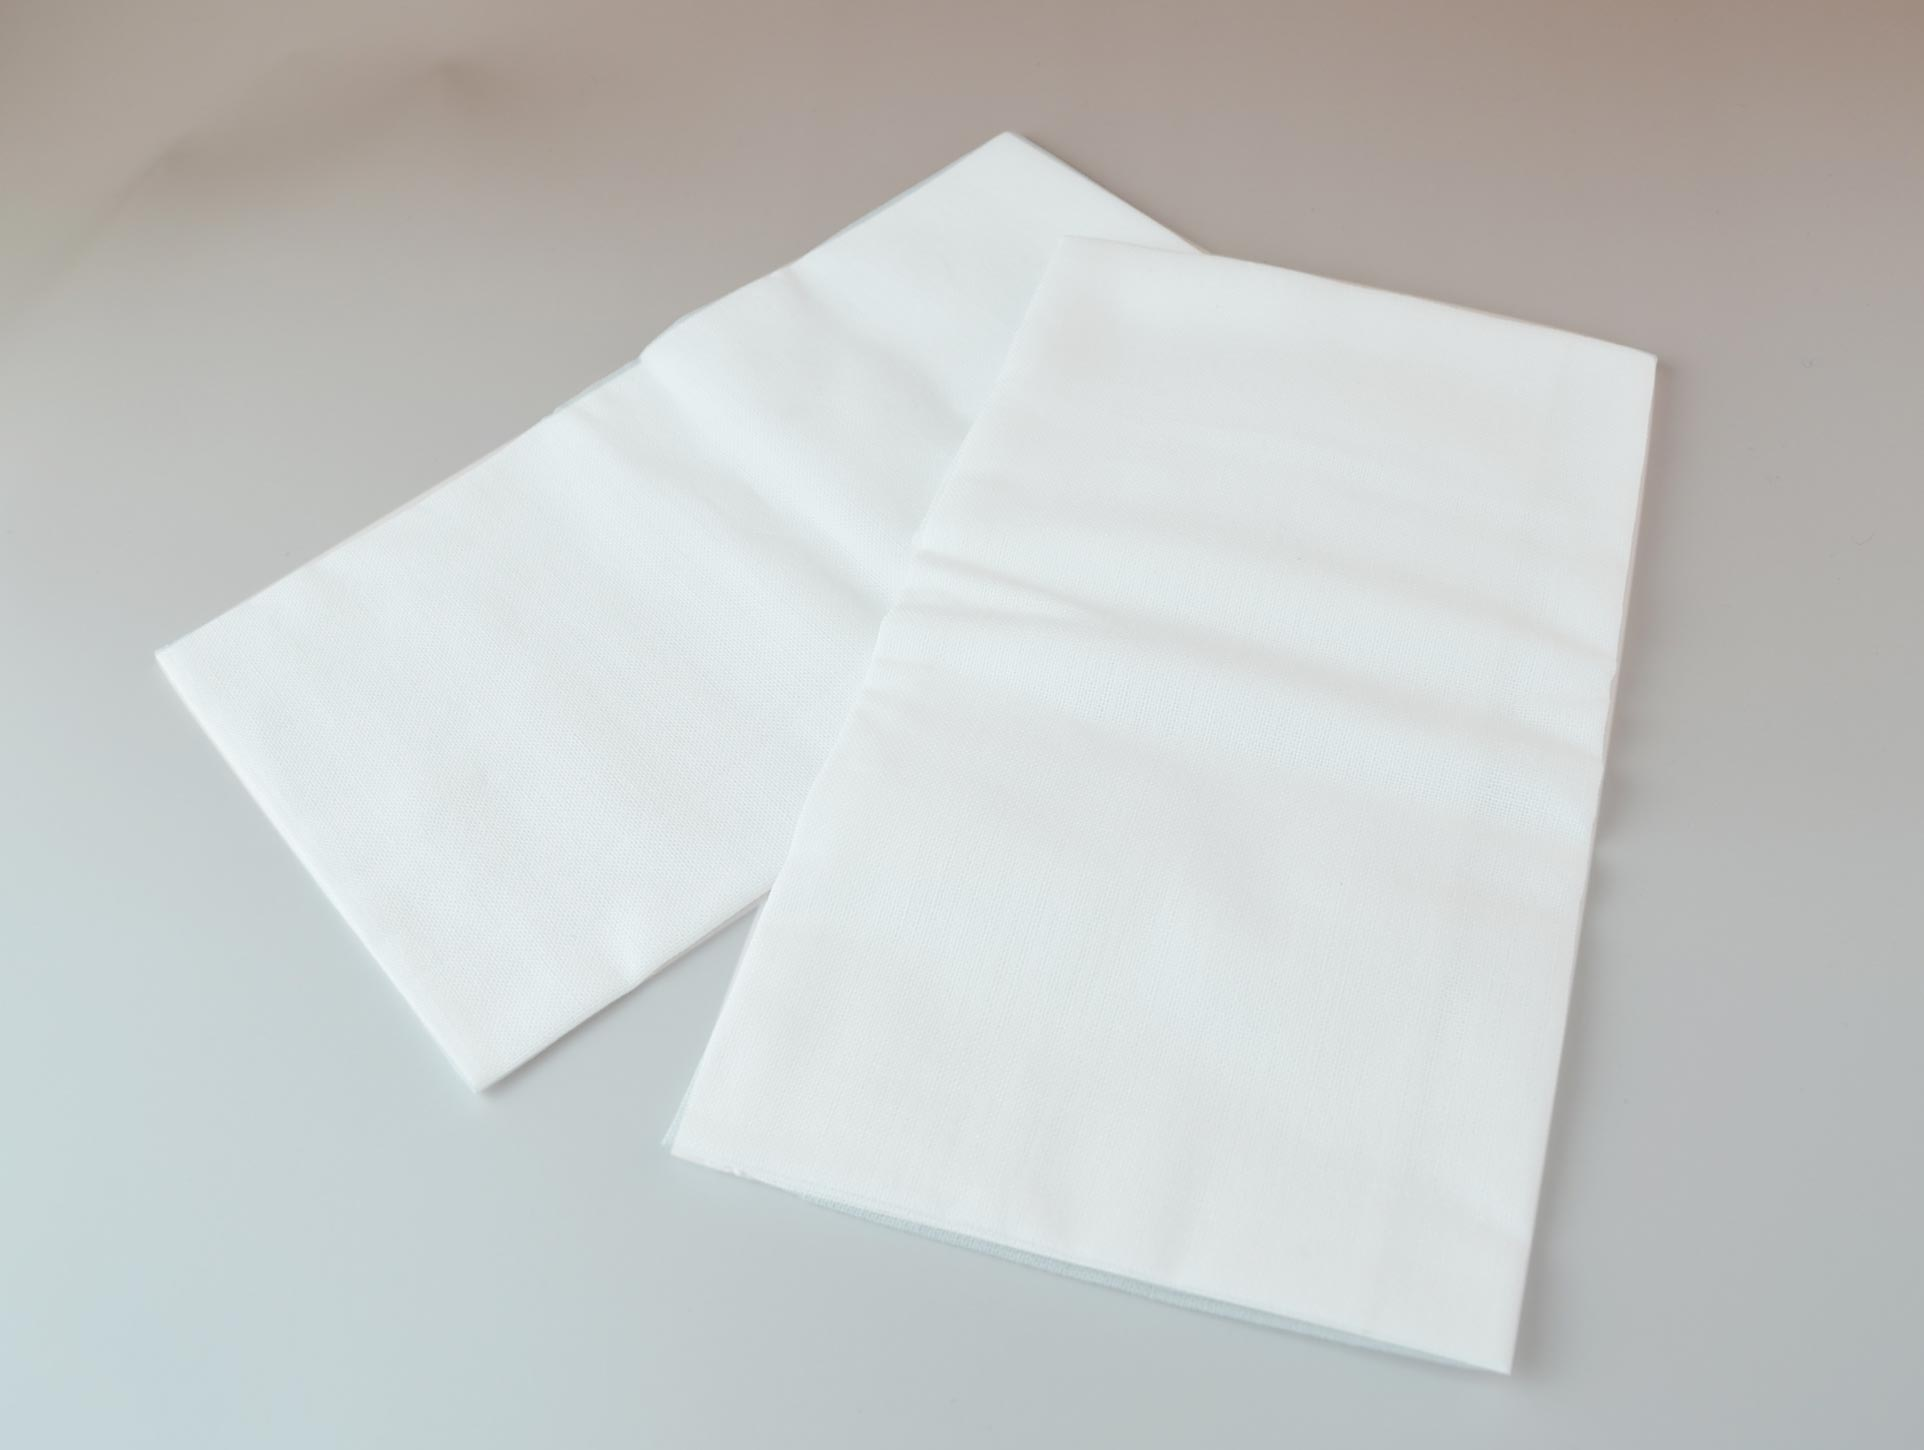 ステンレス製豆腐型箱 漉し袋